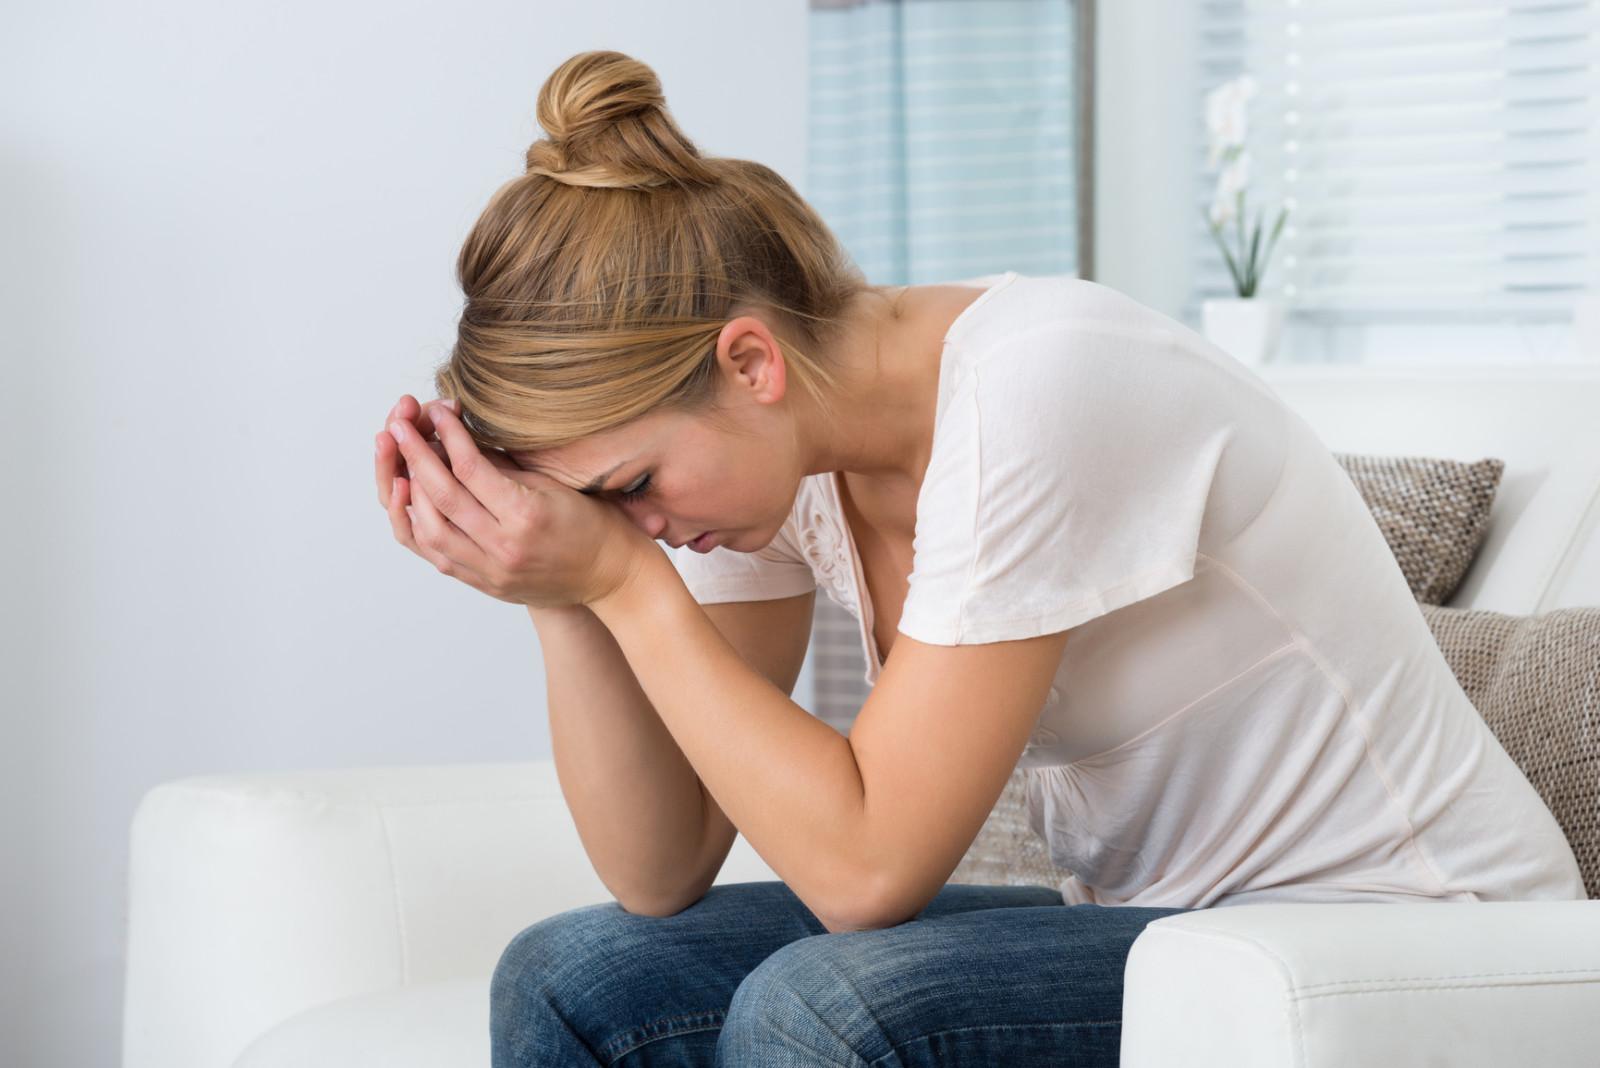 Депрессия: лечение народными средствами в домашних условиях